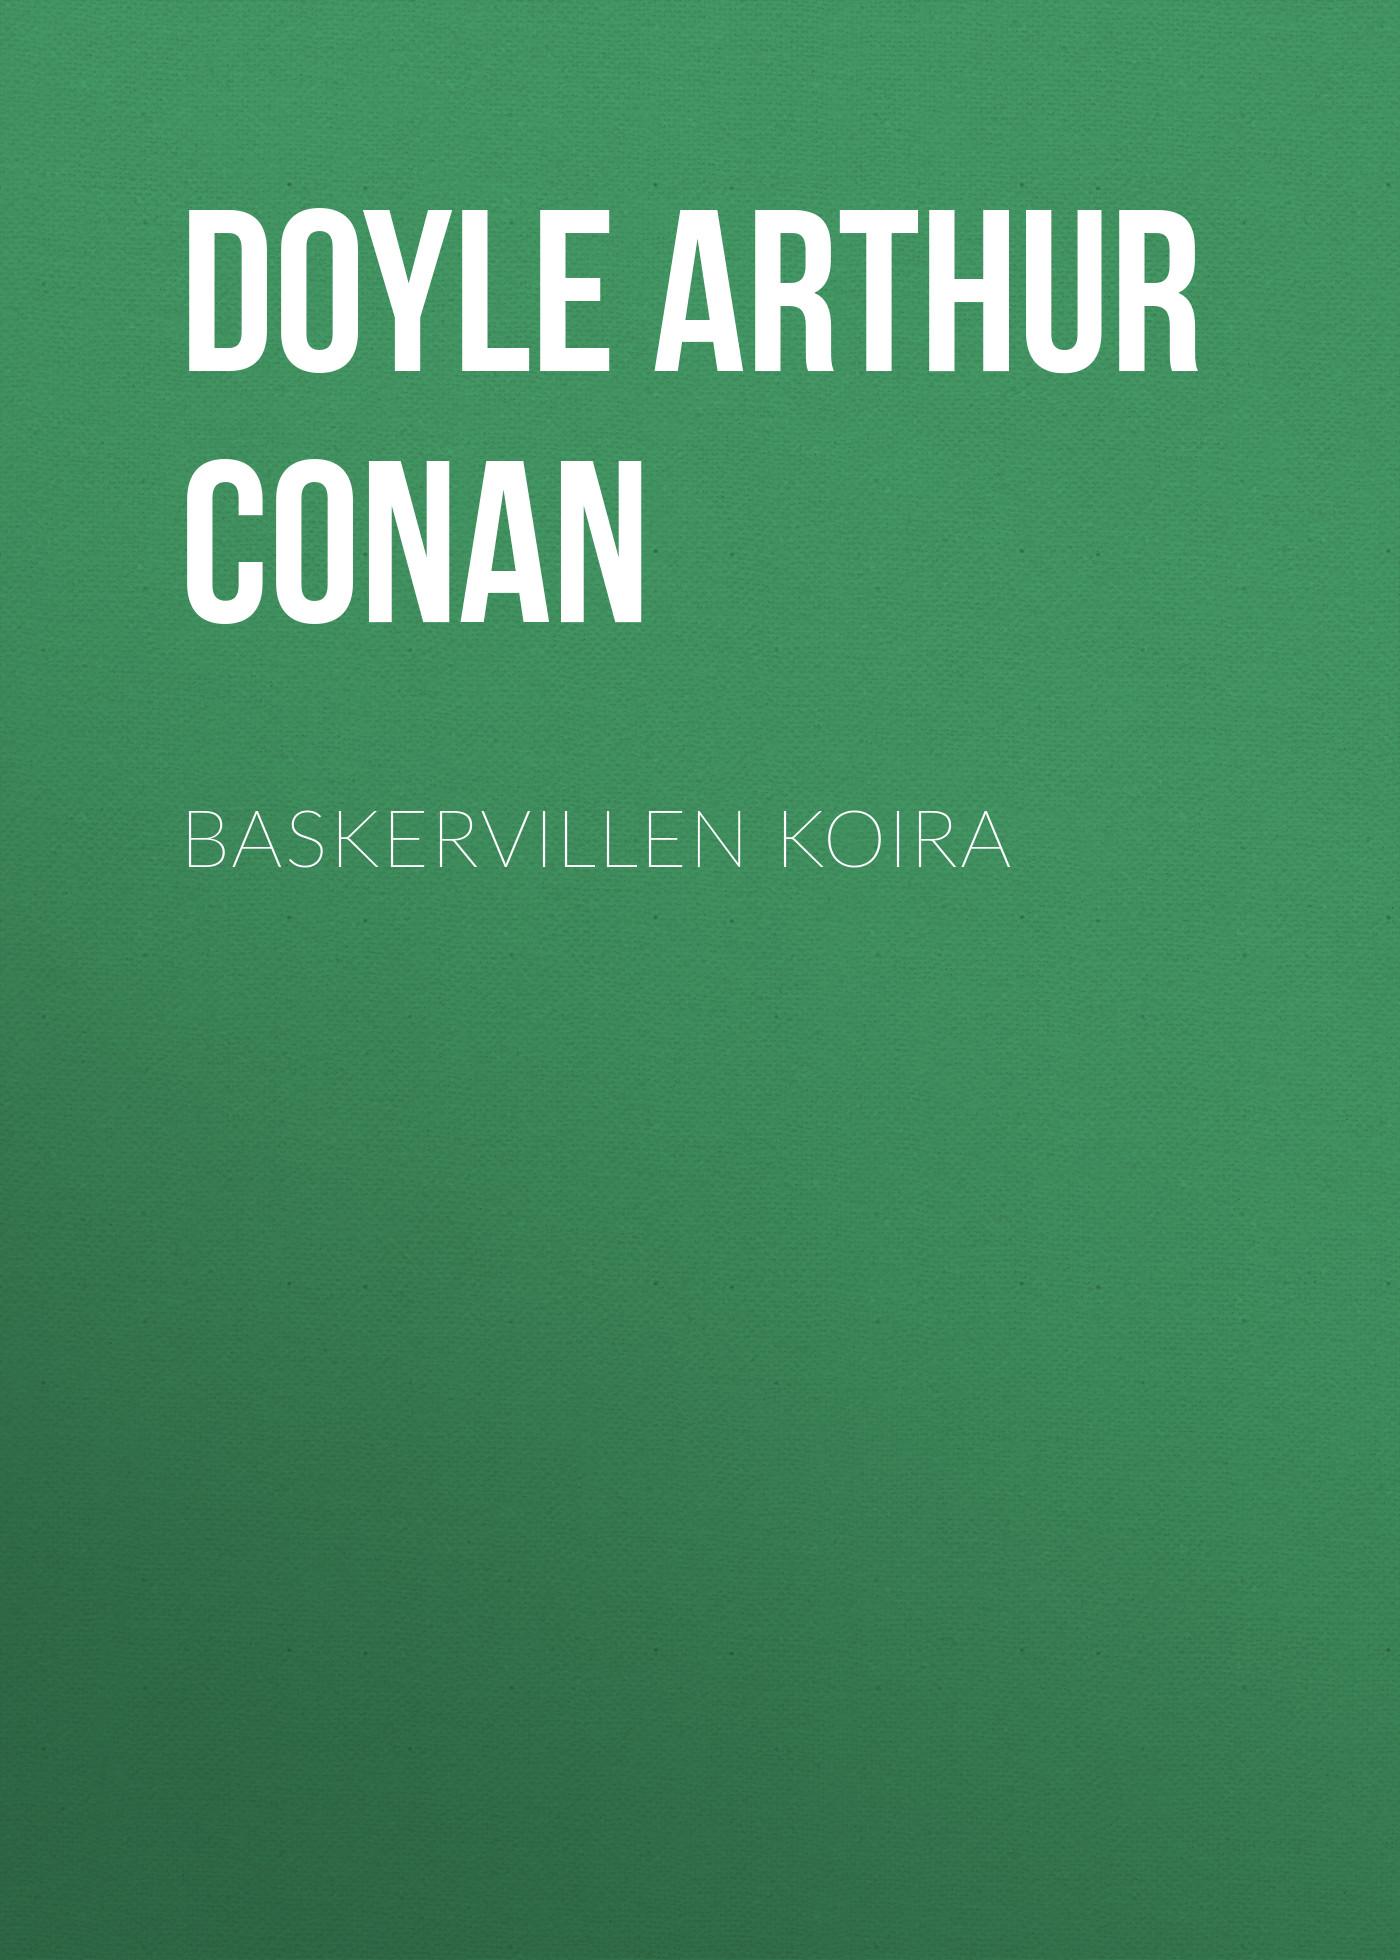 Doyle Arthur Conan Baskervillen koira arthur conan doyle through the magic door isbn 978 5 521 07201 9